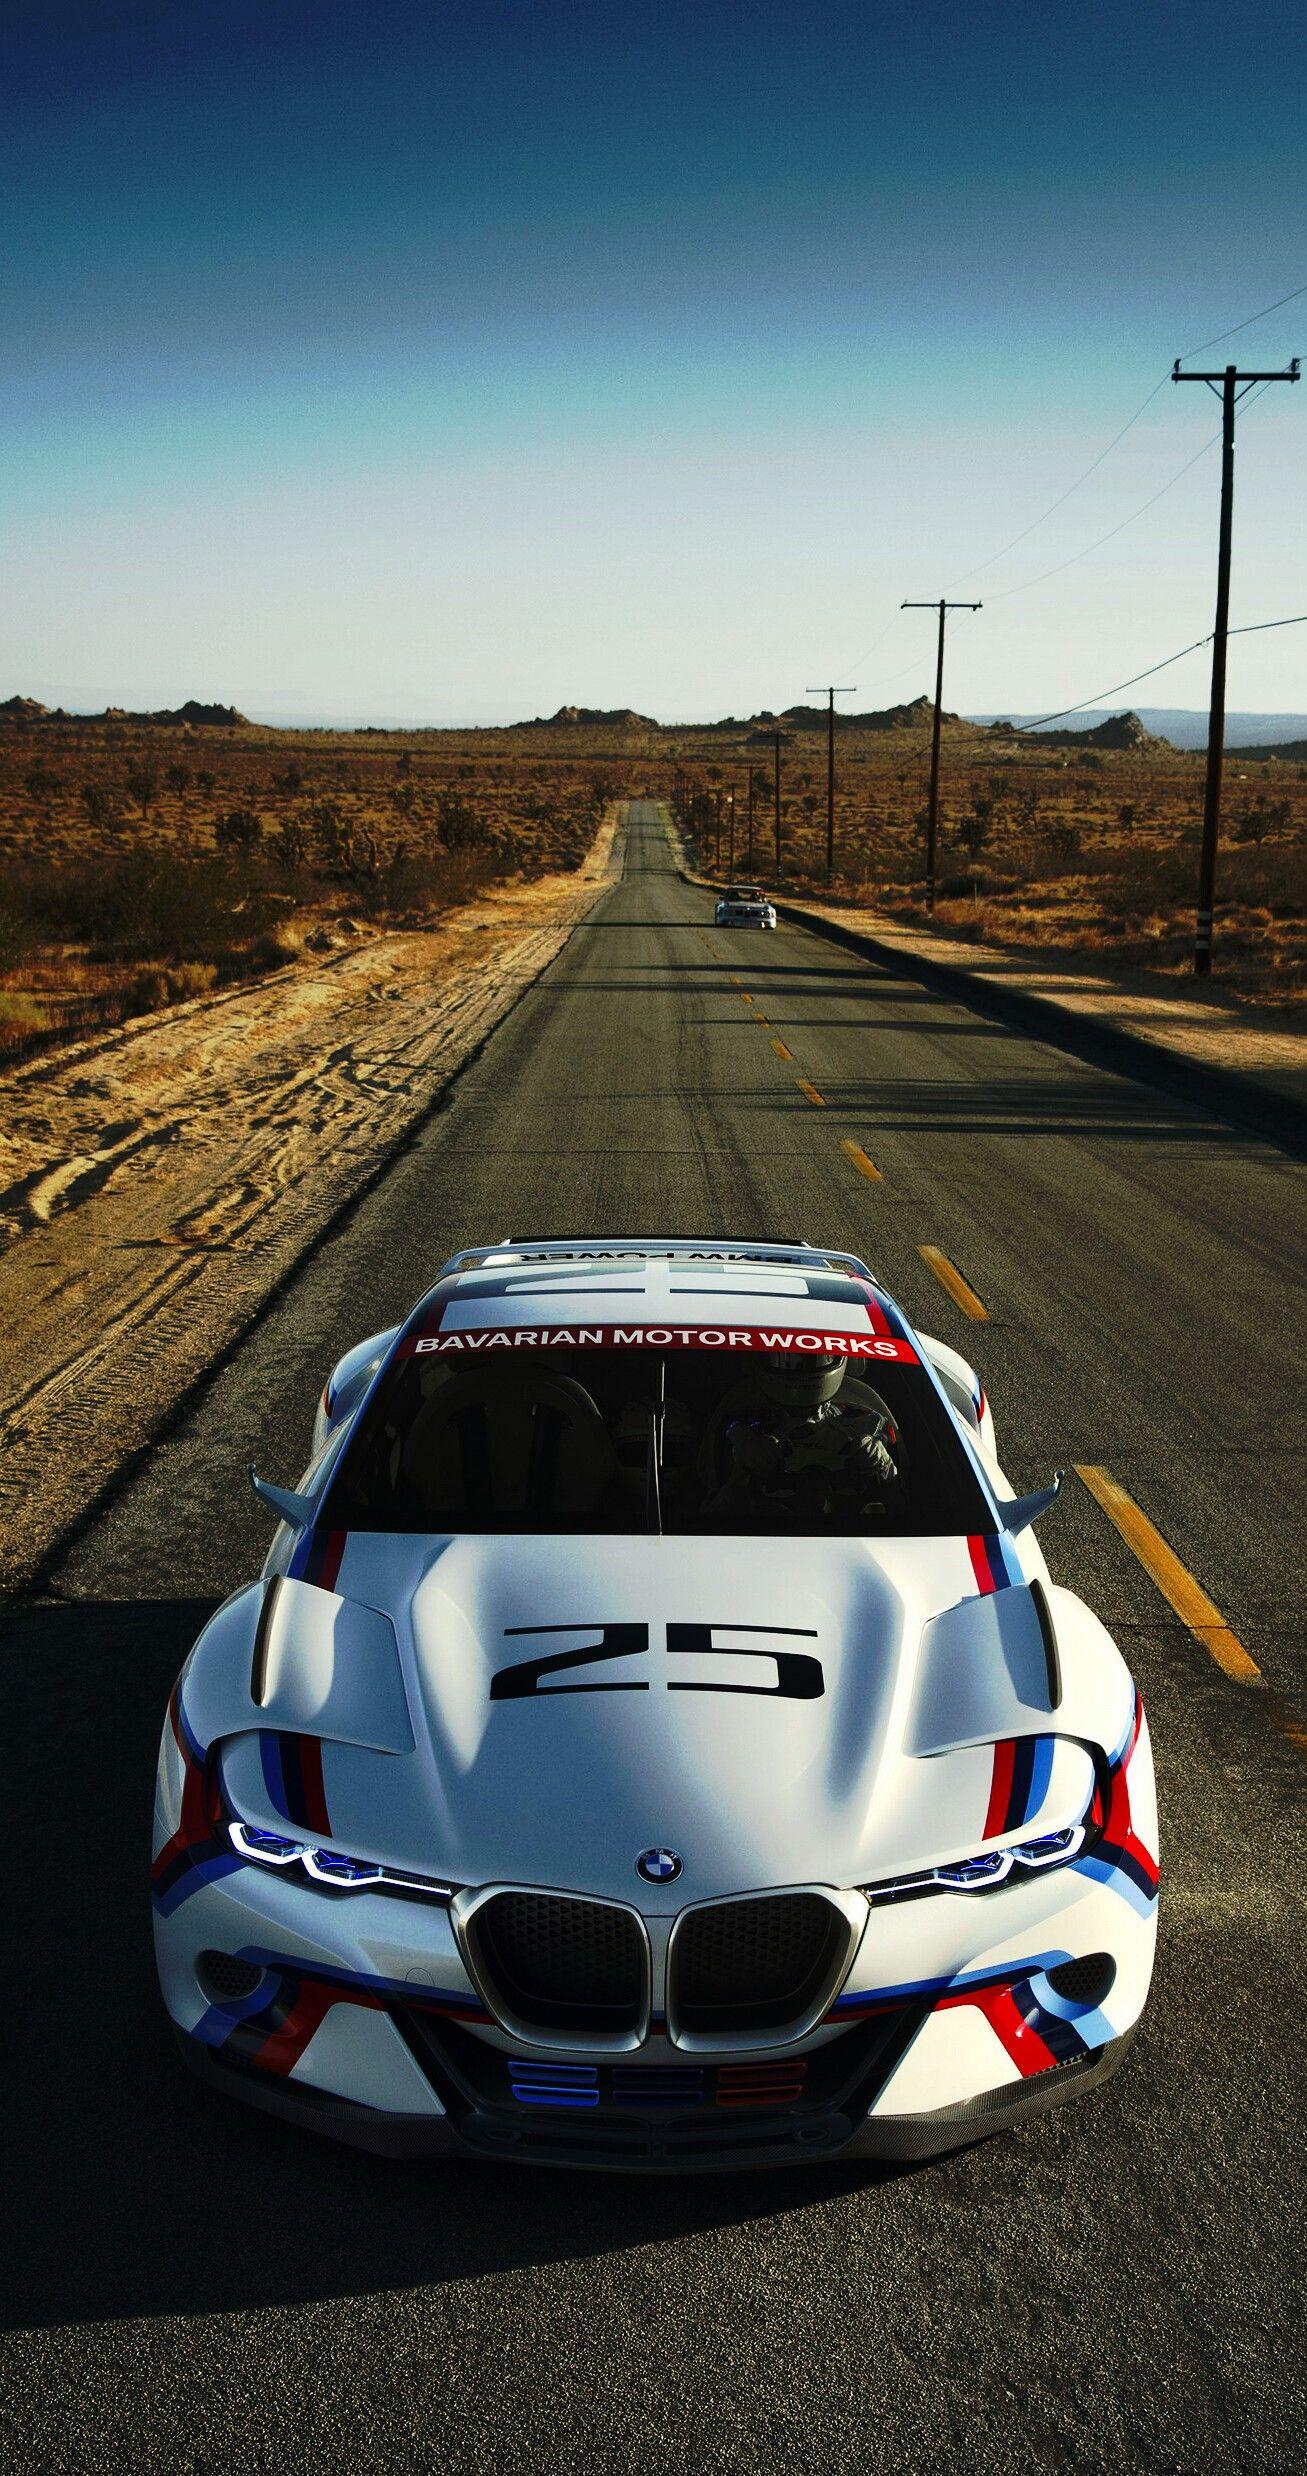 Bmw 3 0 Csl Hommage R Bmw Classic Cars Bmw Bmw 3 0 Csl